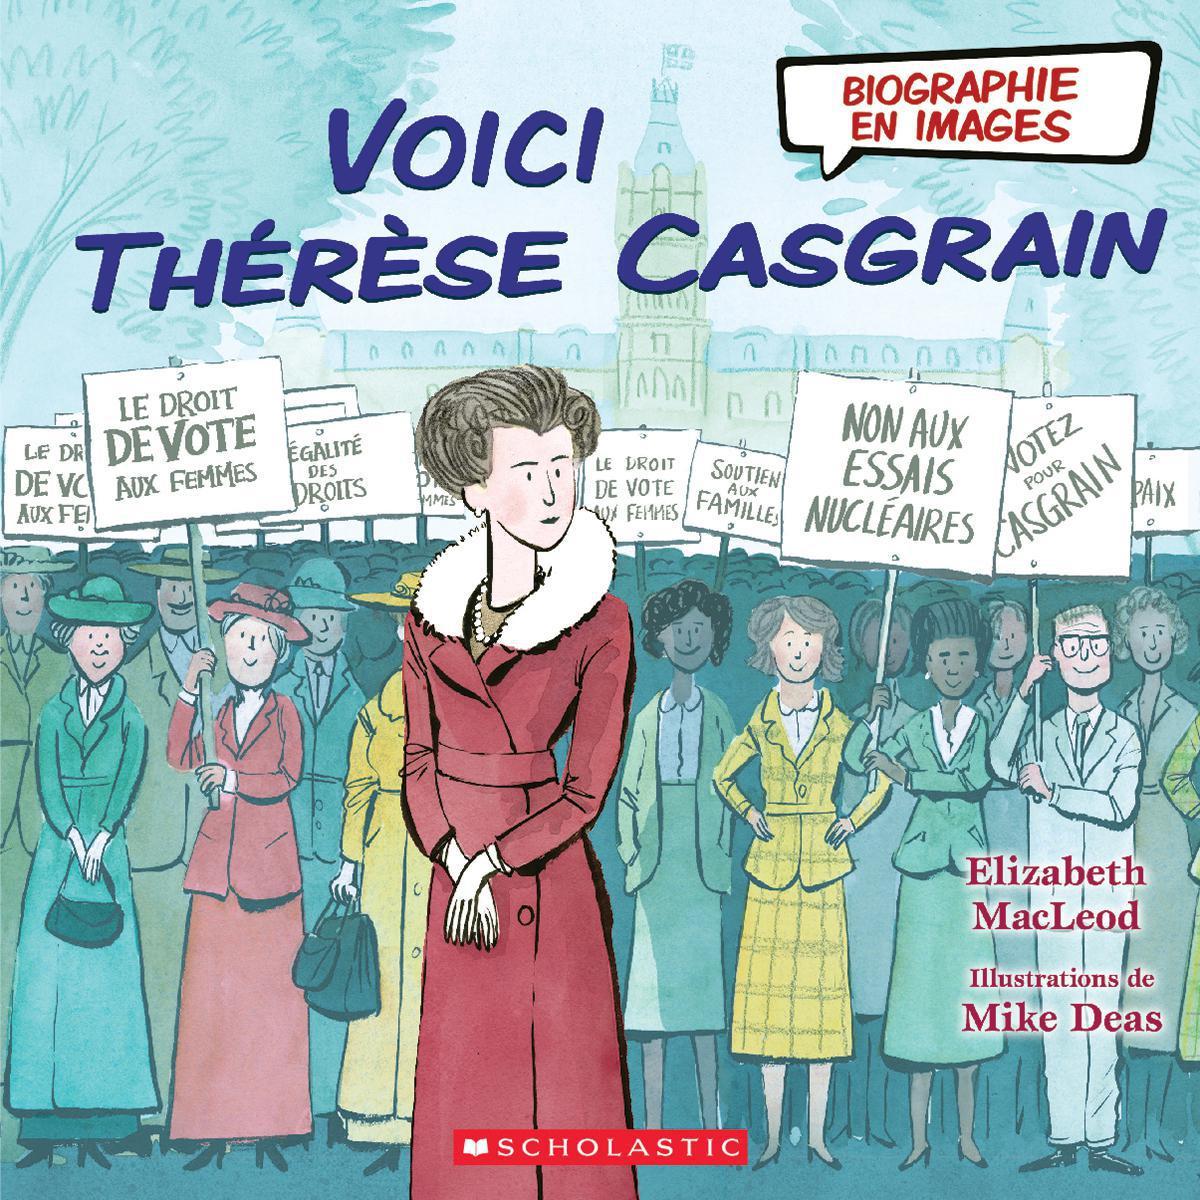 Biographie en images : Voici Thérèse Casgrain